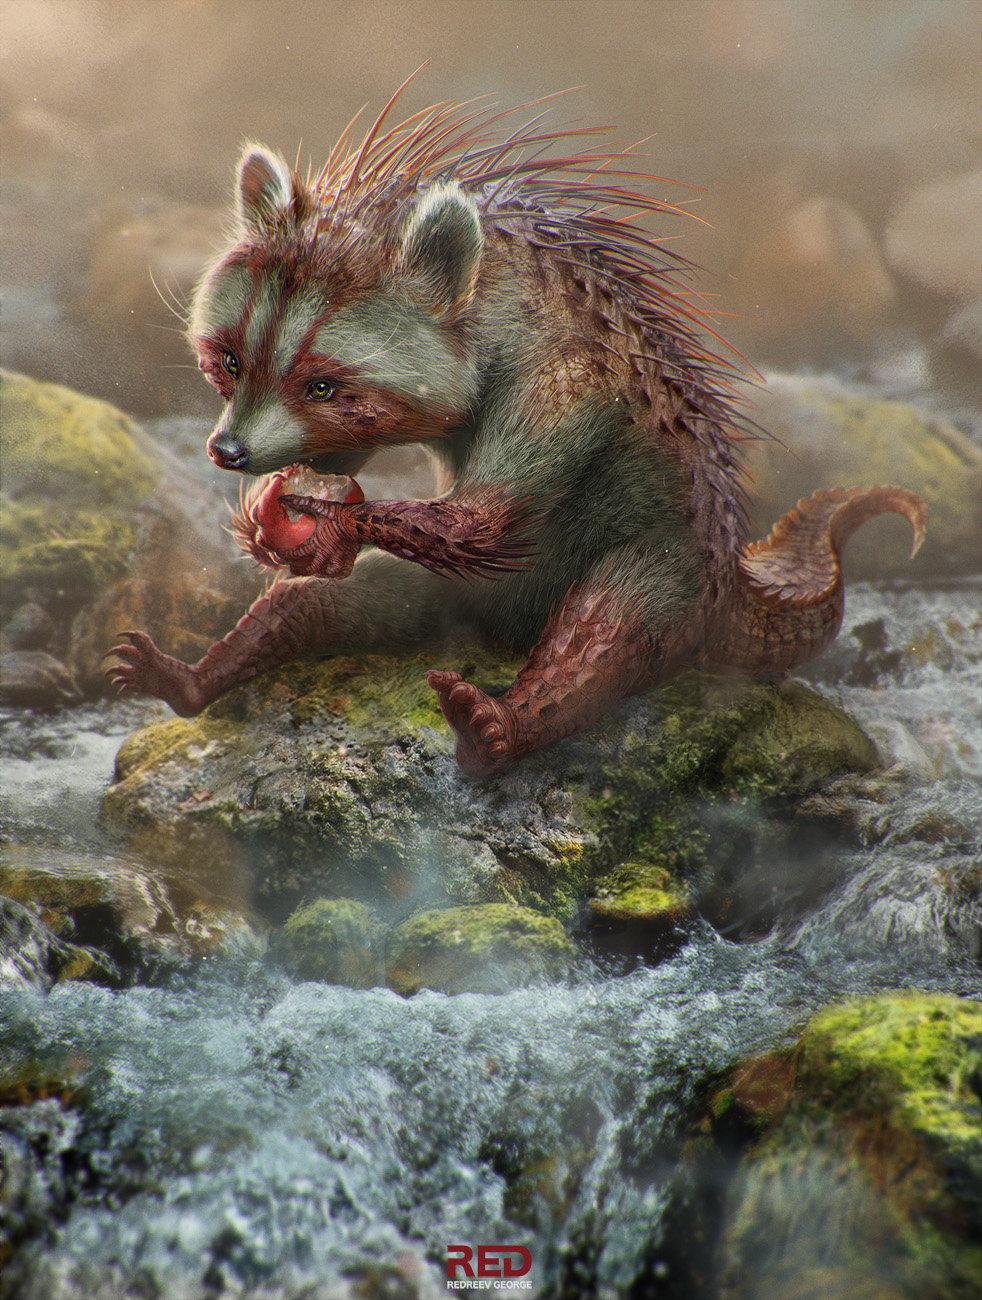 Les illustrations et concept arts de George Redreev au réalisme saisissant